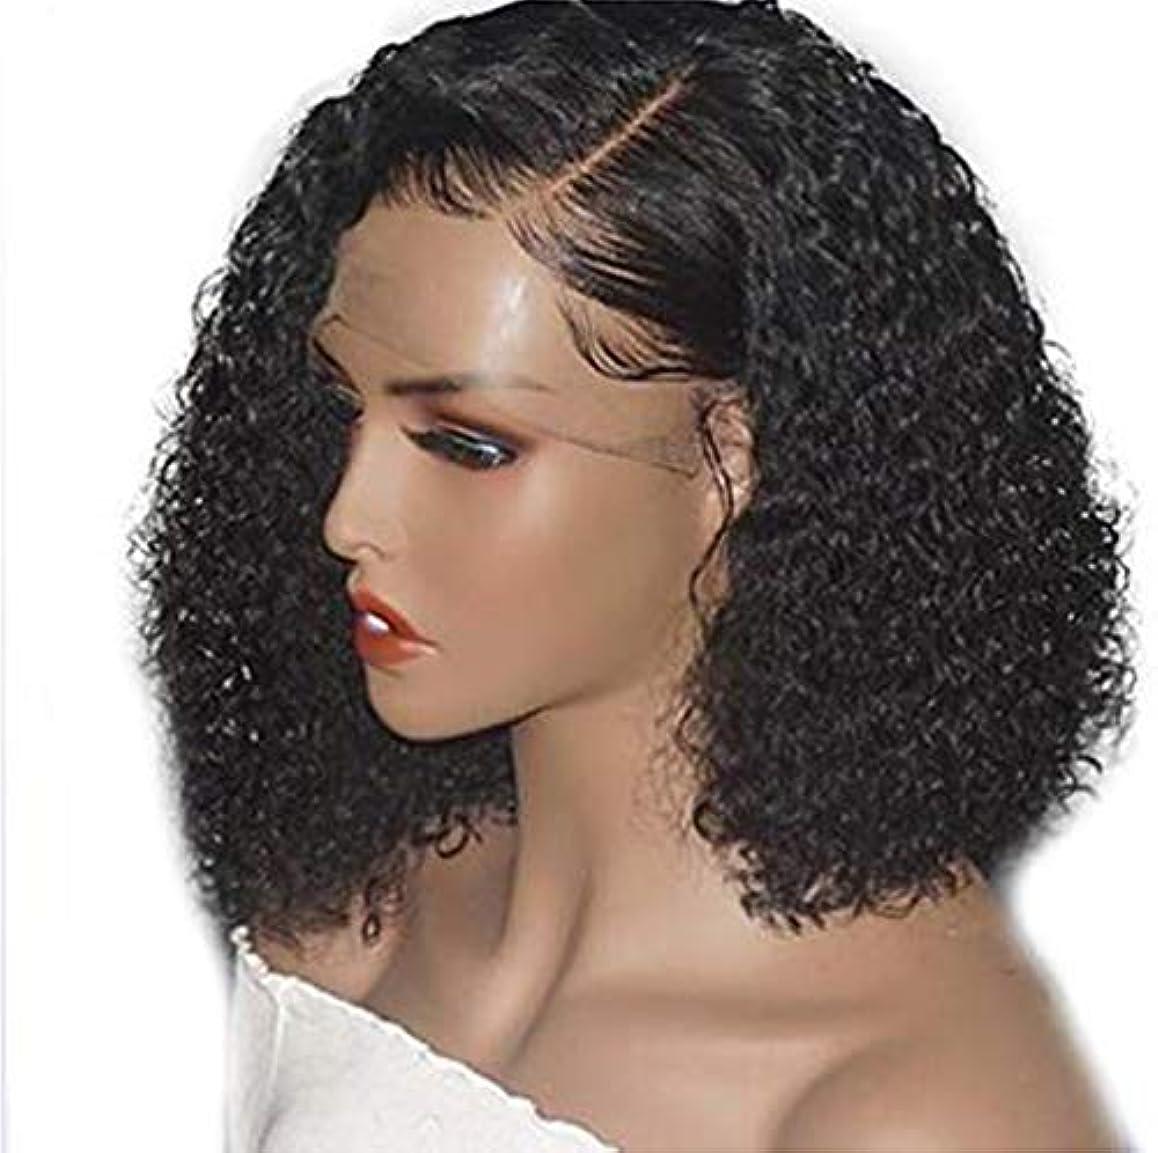 神のインサート社会科女性のブラジルのRemy耐熱合成長さの非常に巻き毛のウェーブのかかった髪のパーティーコスチュームウィッグ黒14インチ